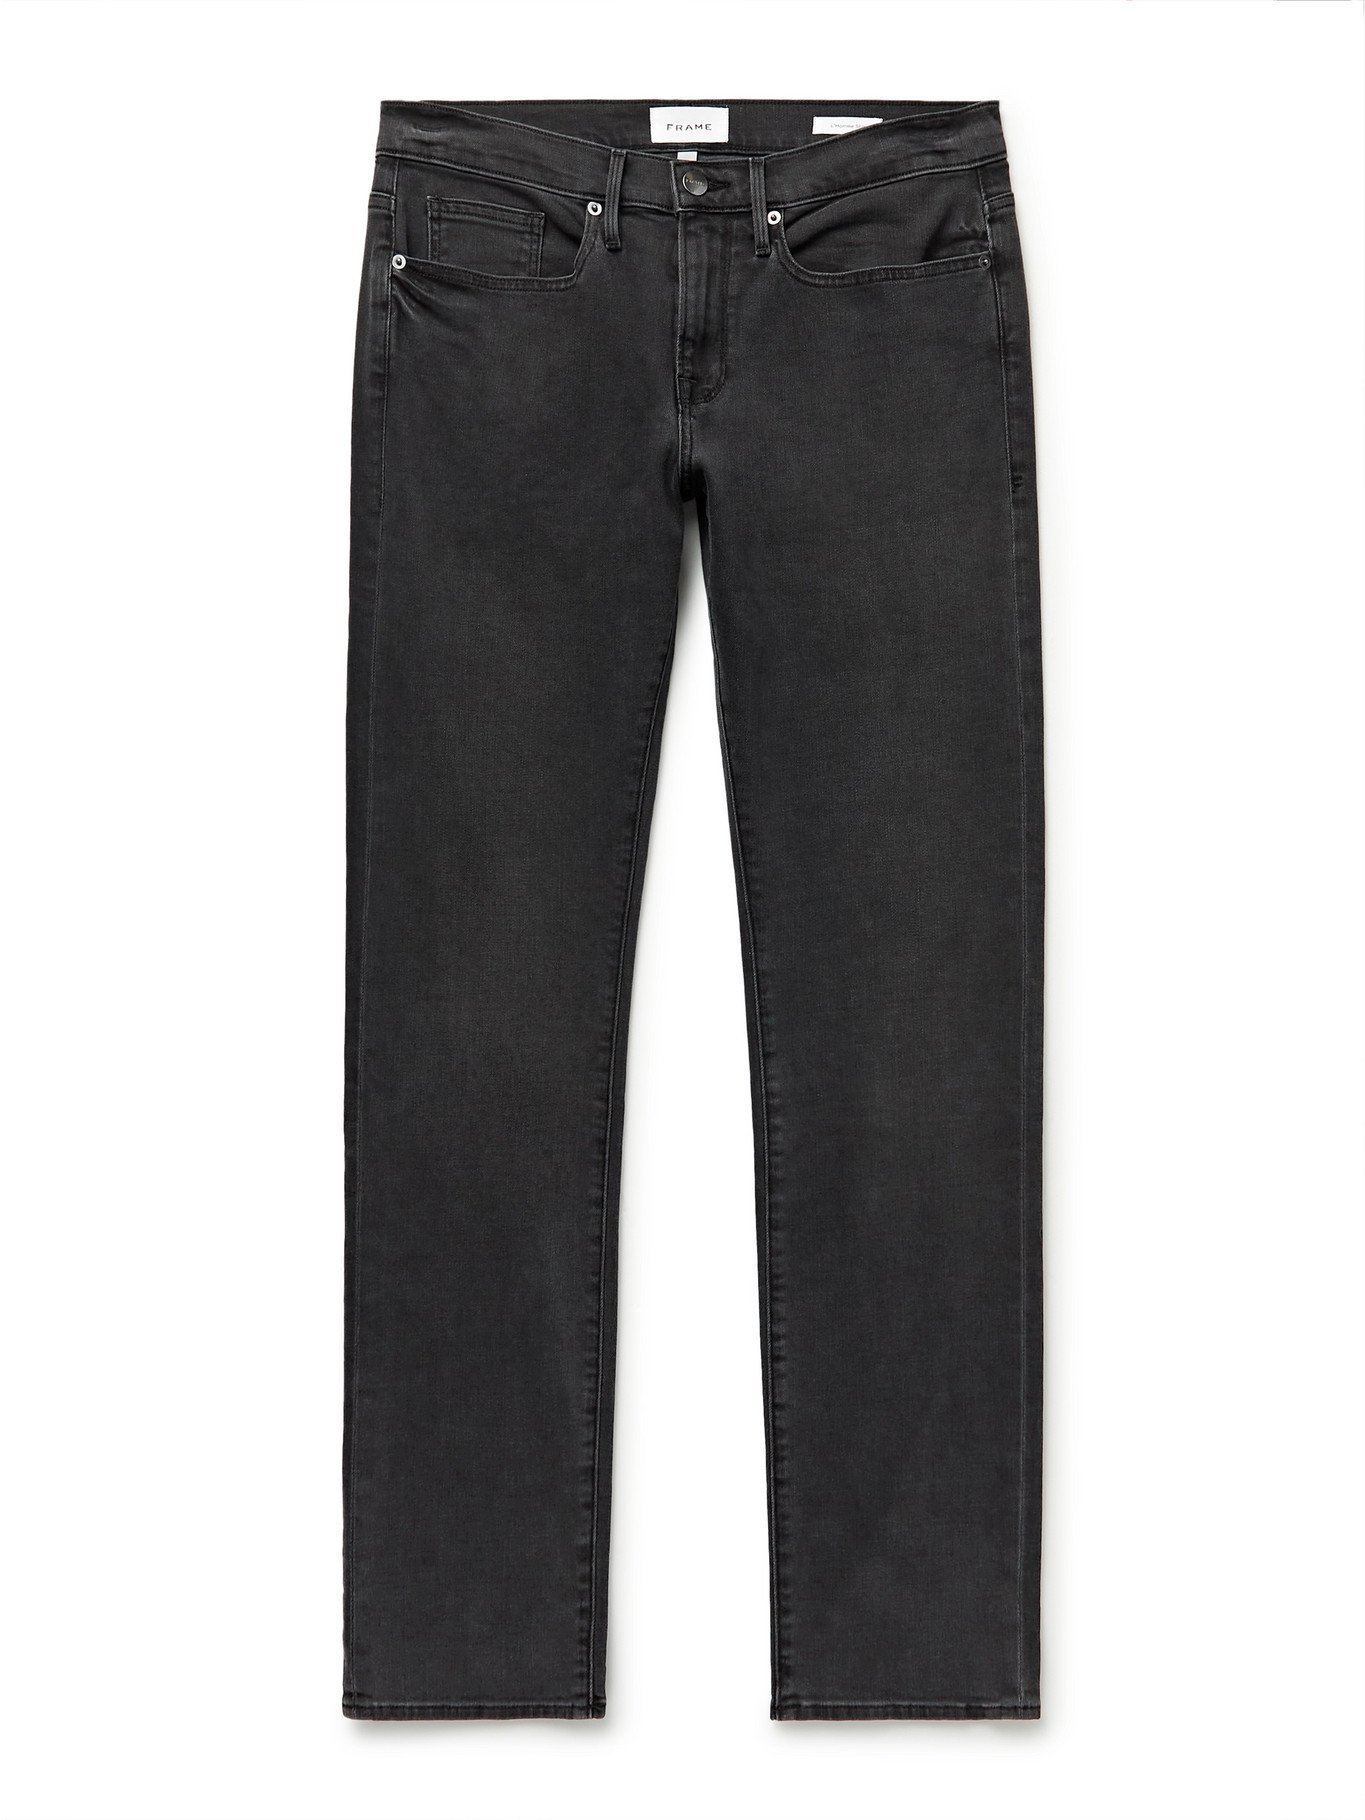 FRAME - L'Homme Slim-Fit Denim Jeans - Gray